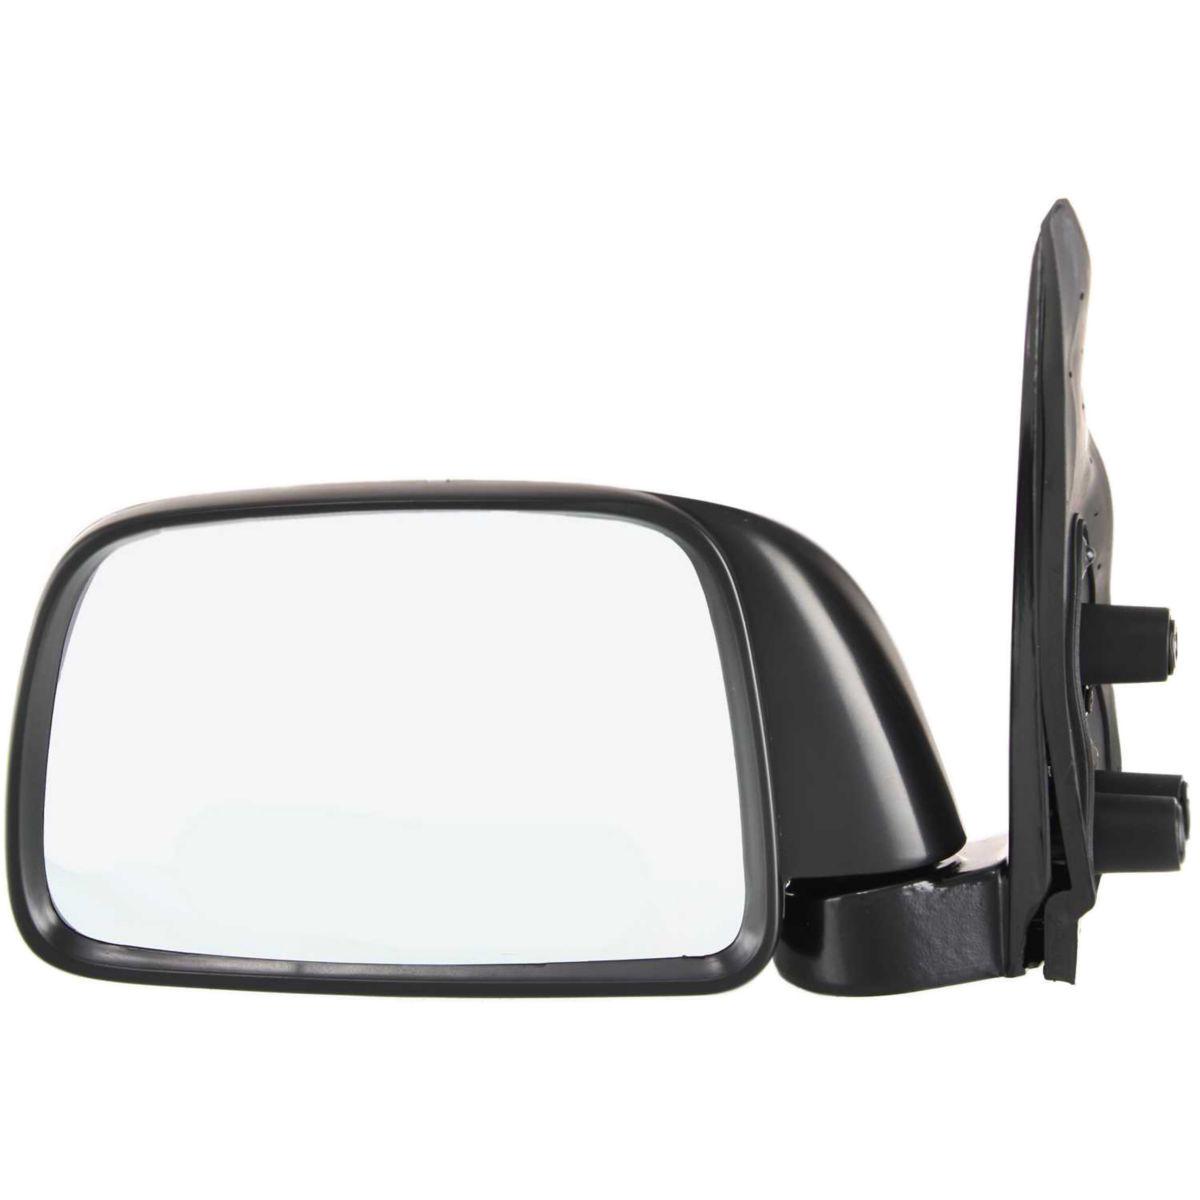 ミラー New TO1320116 Driver/Left Side Door Manual Mirror for Toyota Tacoma 1995-2000 Toyota Tacoma用の新しいTO1320116ドライバー/左サイドドア手動ミラー1995-2000